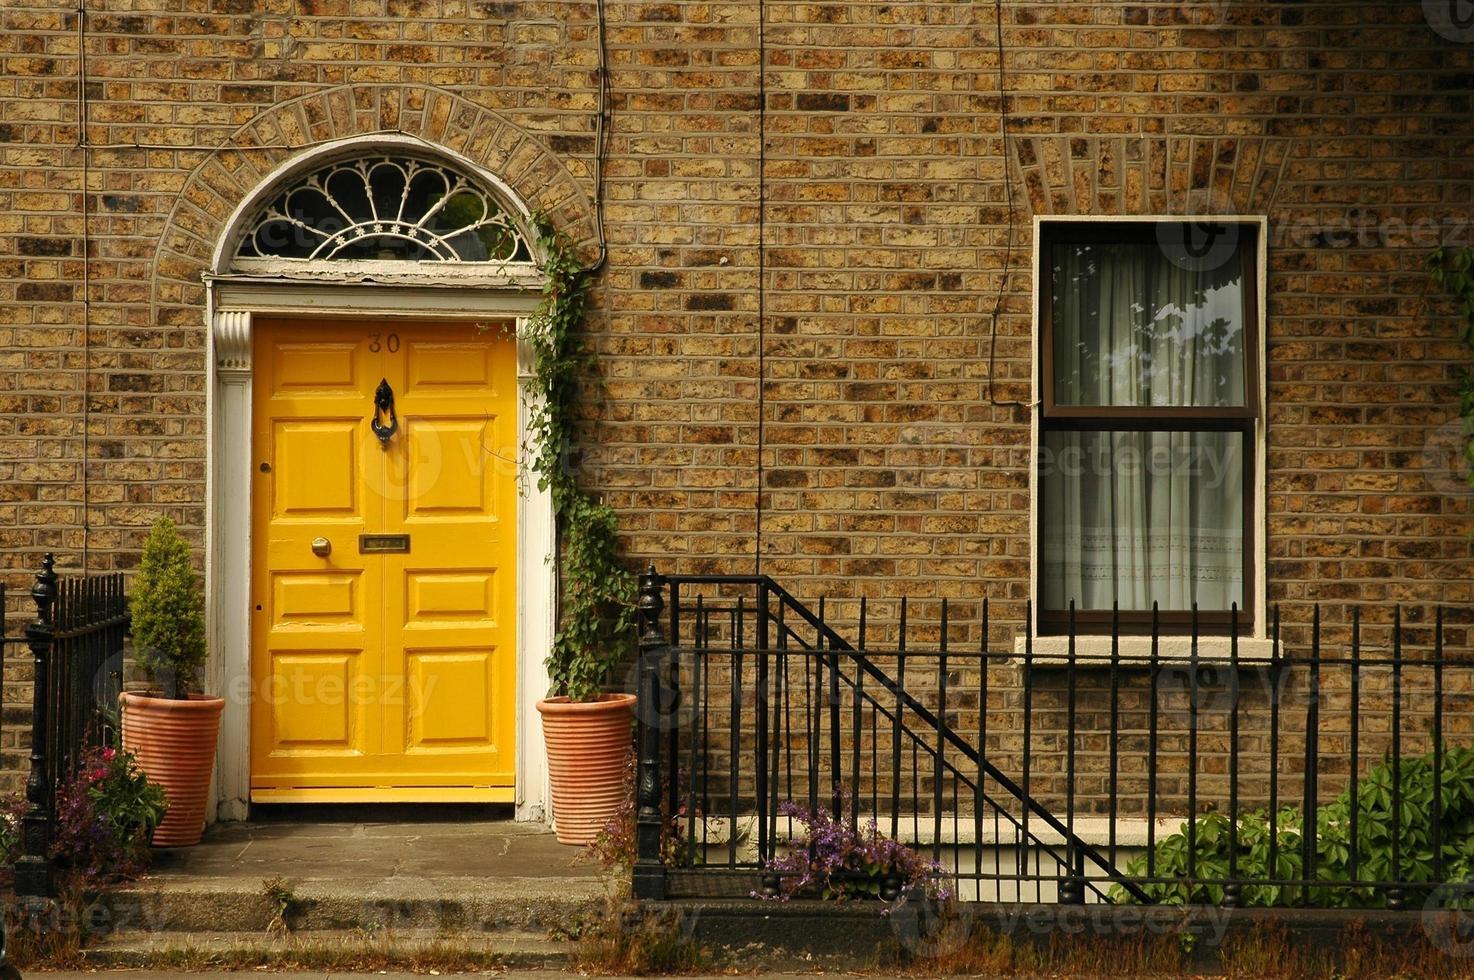 de ingang van een bakstenen huis met een gele deur foto